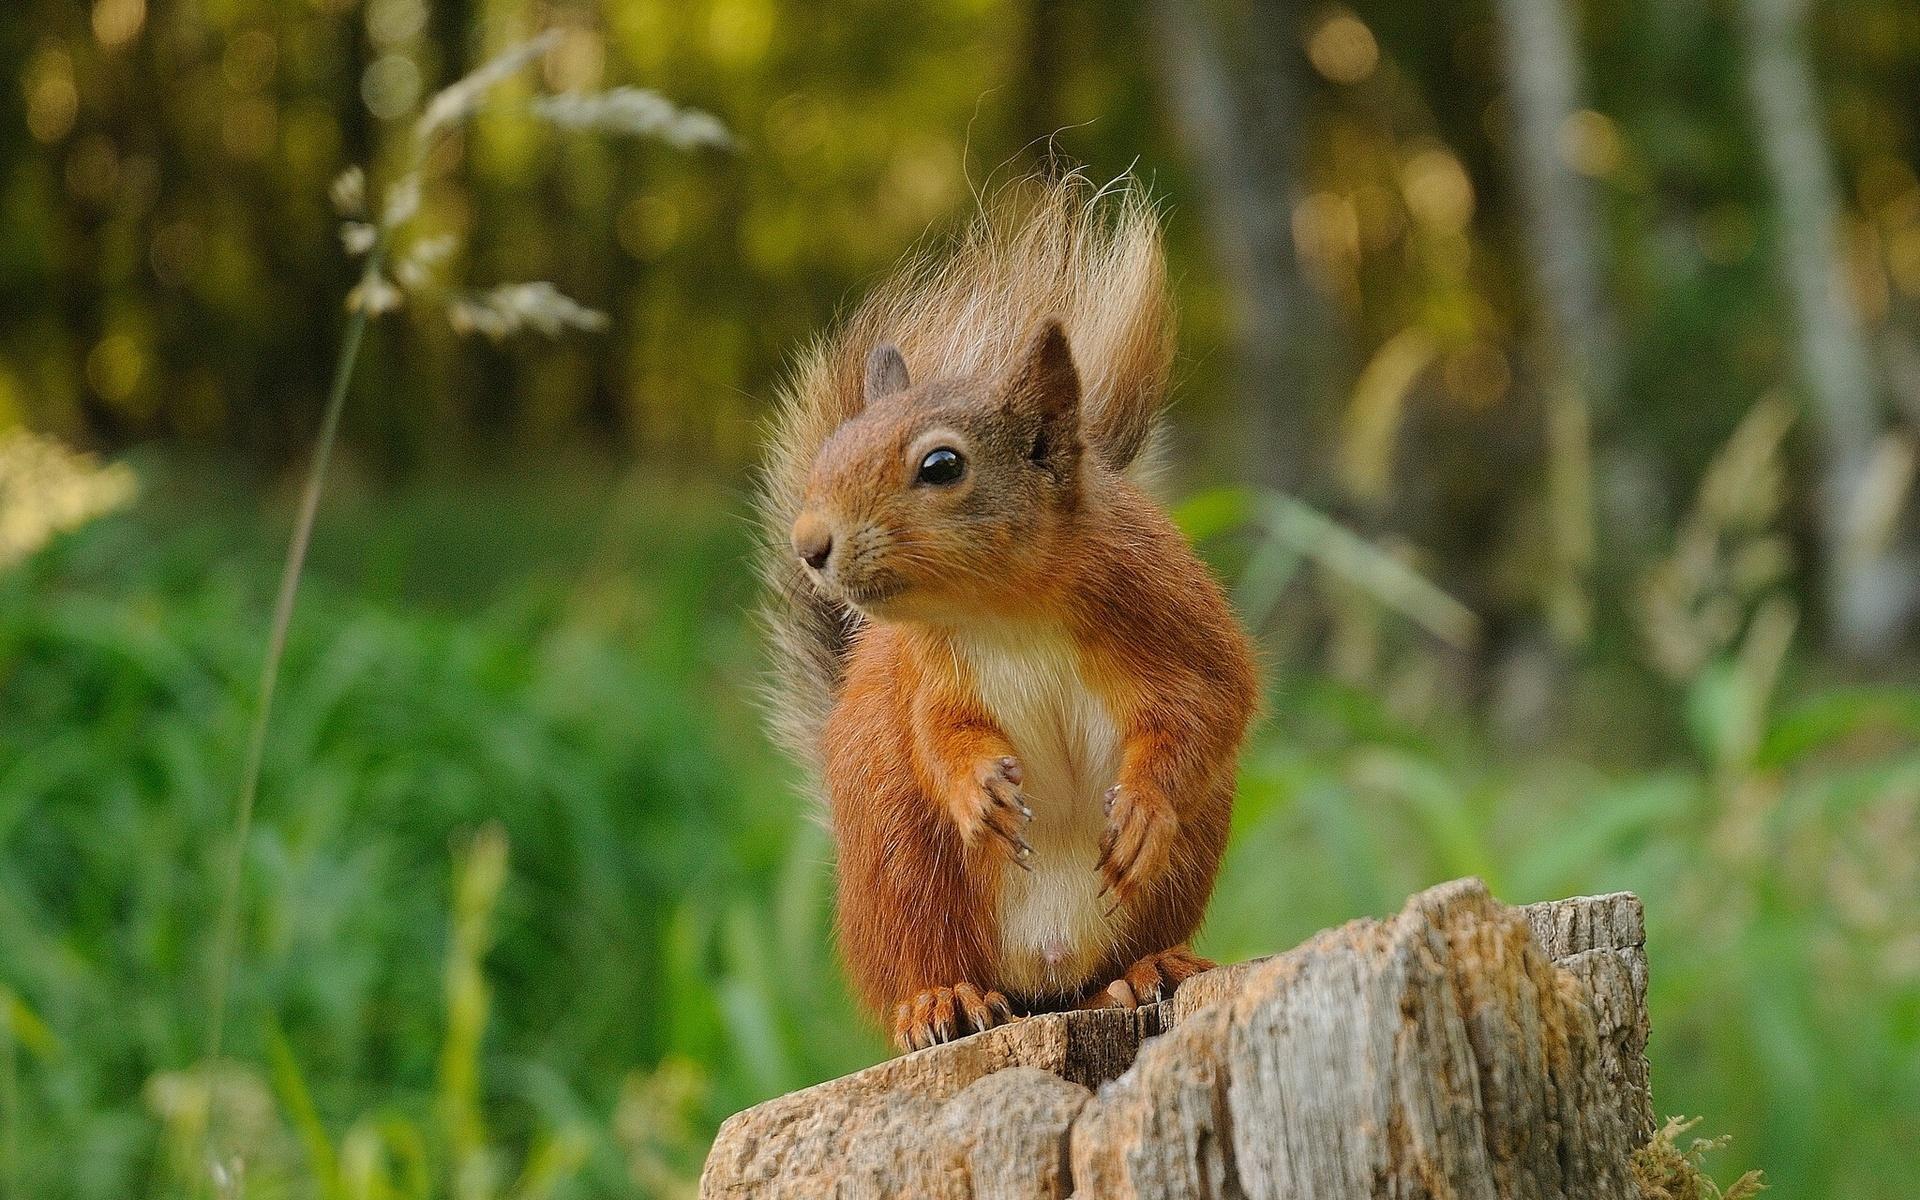 Спасибо спасибо, картинки лесных животных смешные